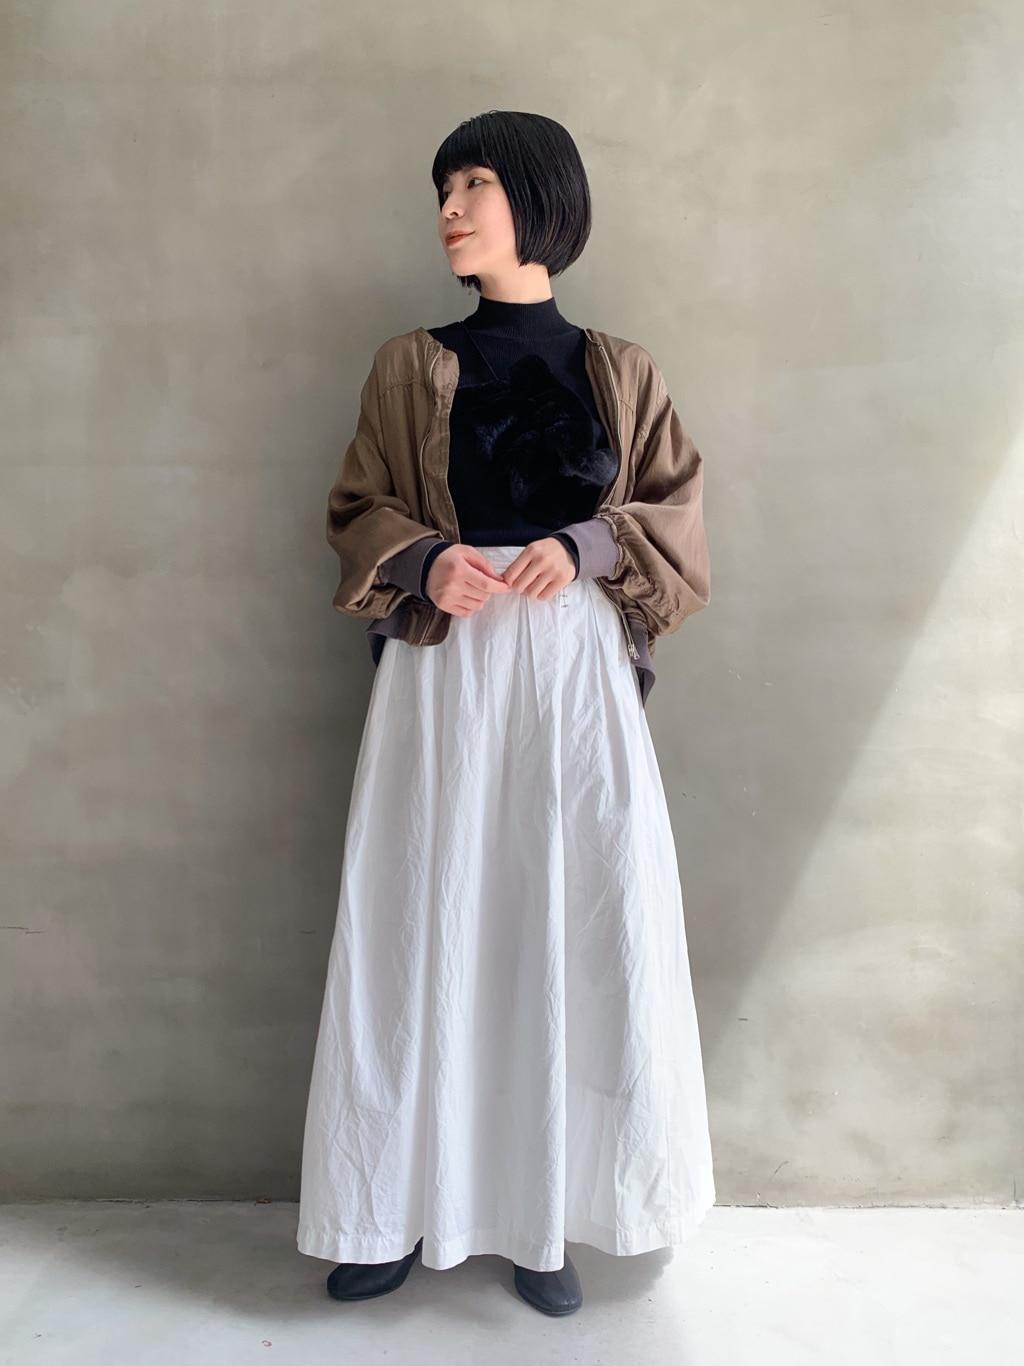 福岡薬院路面 2020.09.29